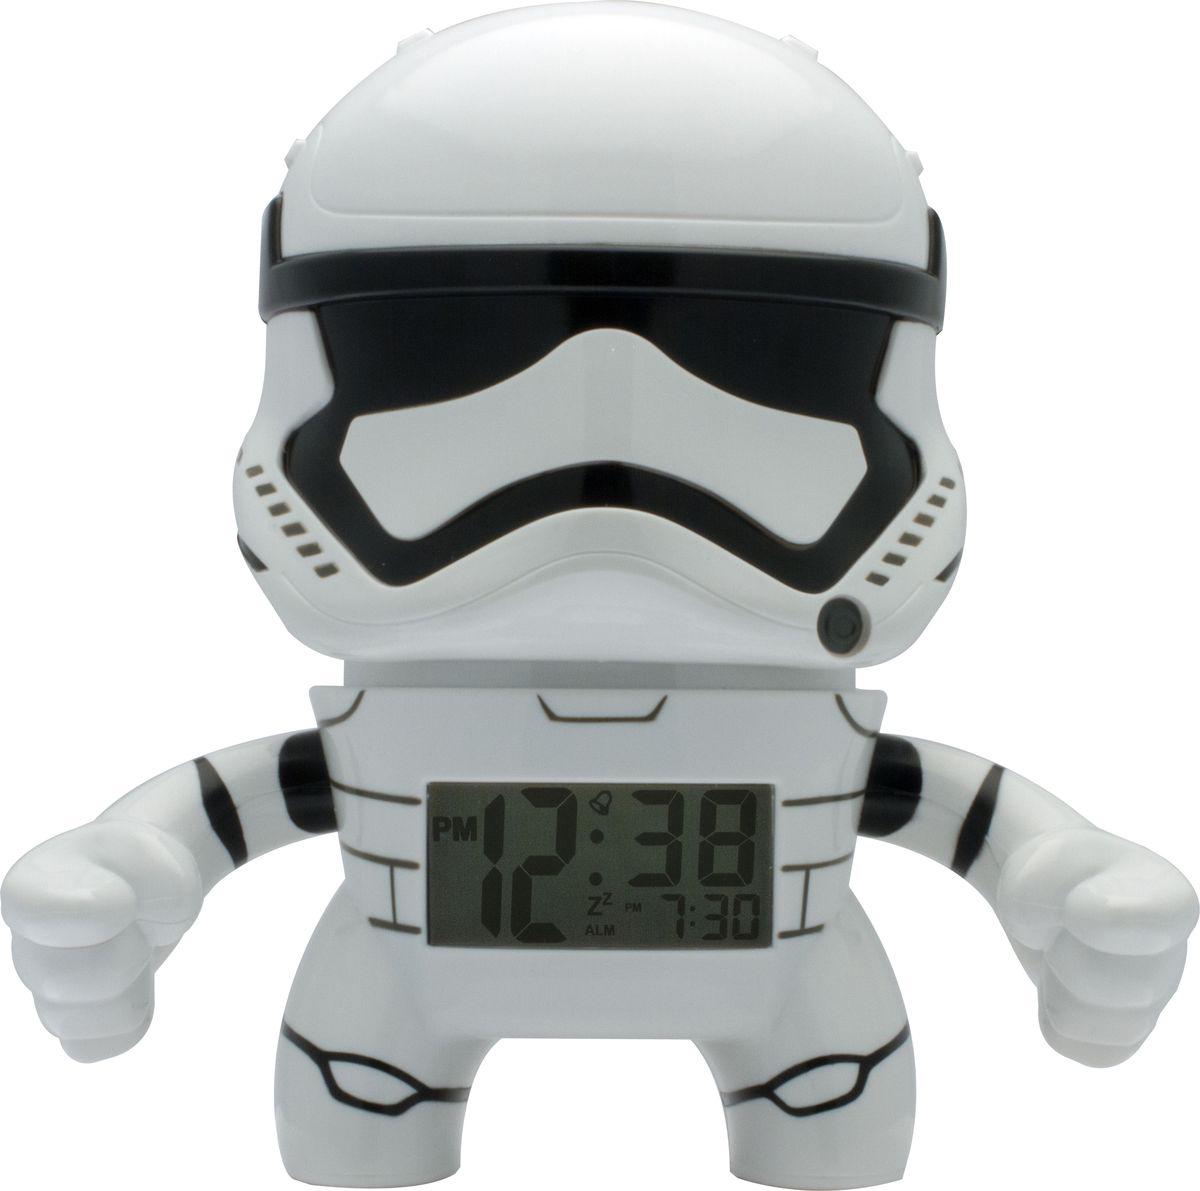 Star Wars BulbBotz Будильник детский Stormtrooper2020015BulbBotz (дословно лампа бот) - будильник в виде минифигуры любимого героя Звёздных Войн, по форме напоминающий лампу накаливания, оснащен цифровым дисплеем с подсветкой и функцией отсрочки звукового сигнала. Для того, чтобы включить/выключить будильник, нужно нажать на голову минифигуры, которая также подсвечивается! В комплект входят 2 батарейки (ААА). Рекомендуемый возраст: от 6 лет. Высота минифигуры: 19 см